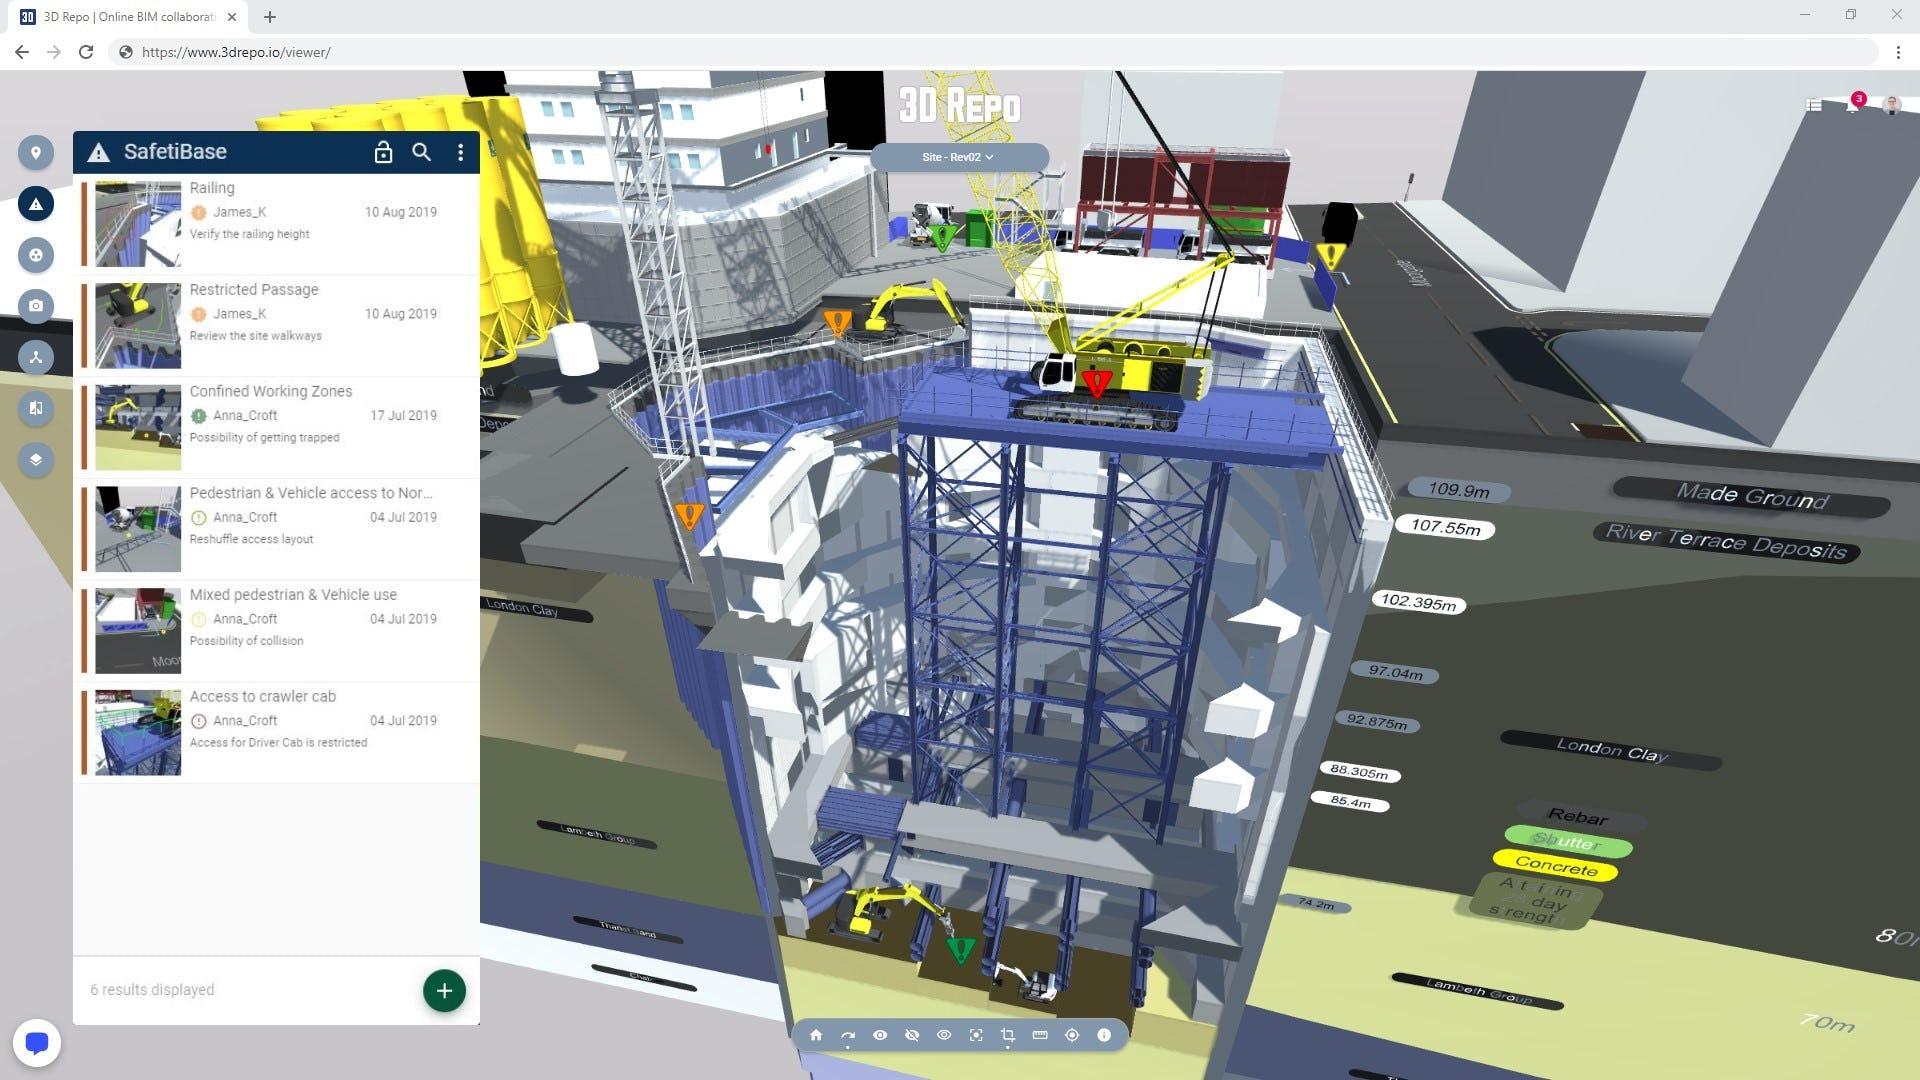 3D Repo Software - 3